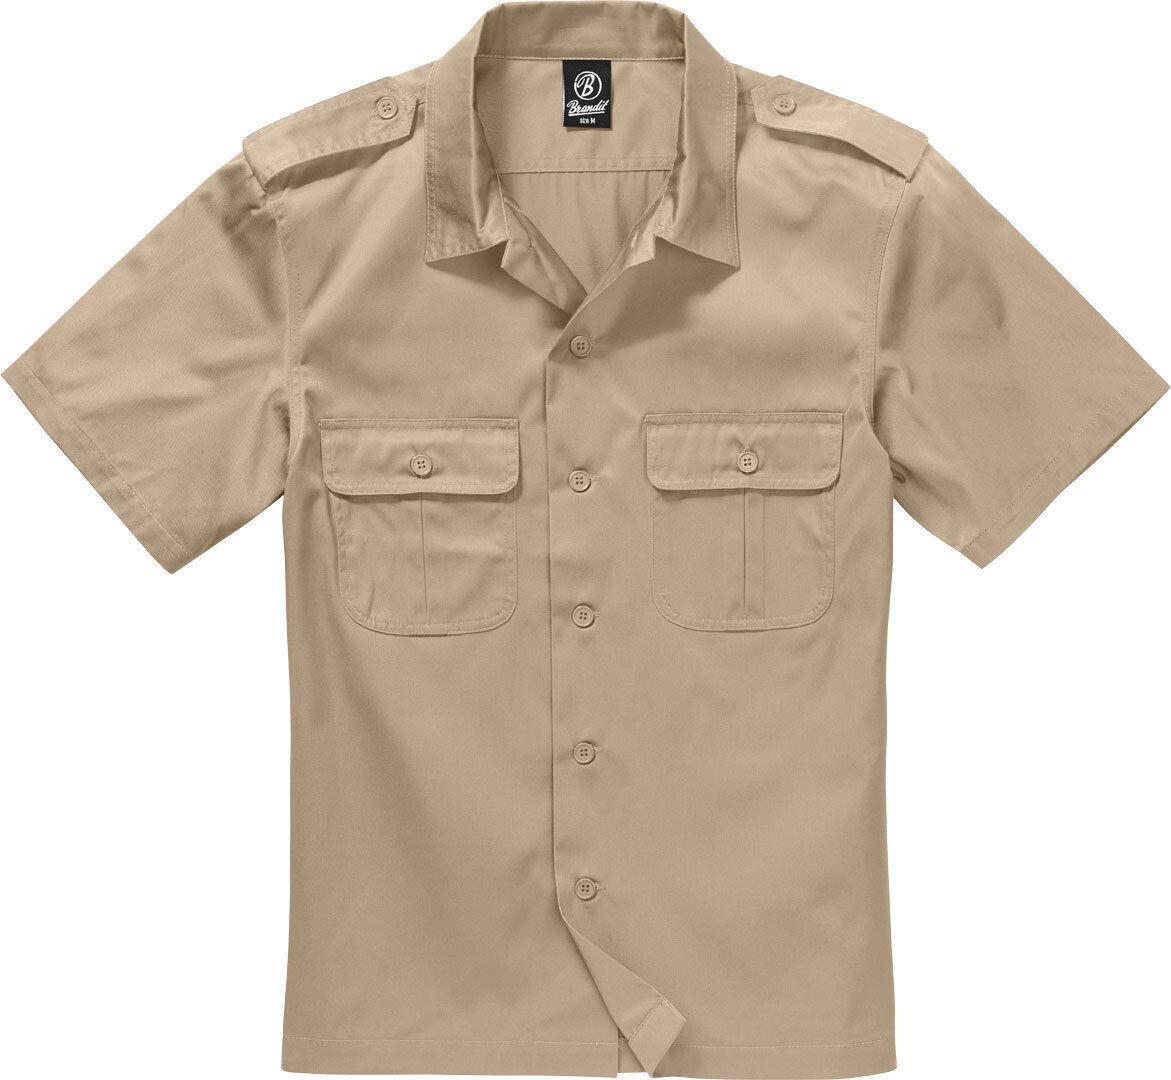 Brandit Us 1/2 Paita  - Beige - Size: 4XL